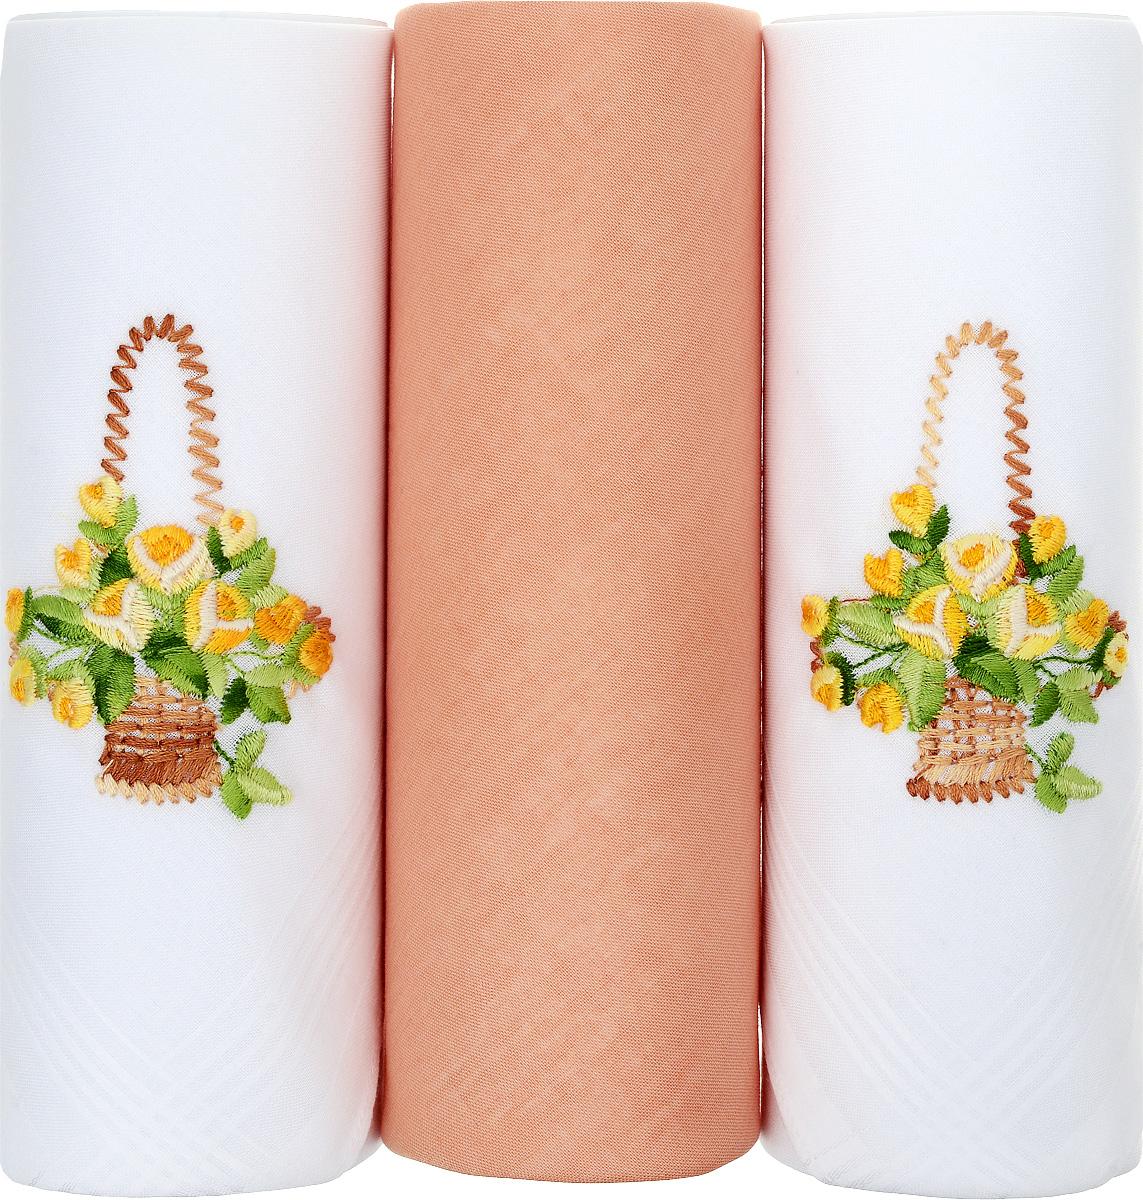 Платок носовой женский Zlata Korunka, цвет: белый, оранжевый. 25605-10. Размер 30 х 30 см, 3 шт39864|Серьги с подвескамиНосовой платок Zlata Korunka изготовлен из высококачественного натурального хлопка, благодаря чему приятен в использовании, хорошо стирается, не садится и отлично впитывает влагу. Практичный и изящный носовой платок будет незаменим в повседневной жизни любого современного человека. Такой платок послужит стильным аксессуаром и подчеркнет ваше превосходное чувство вкуса. В комплекте 3 платка.